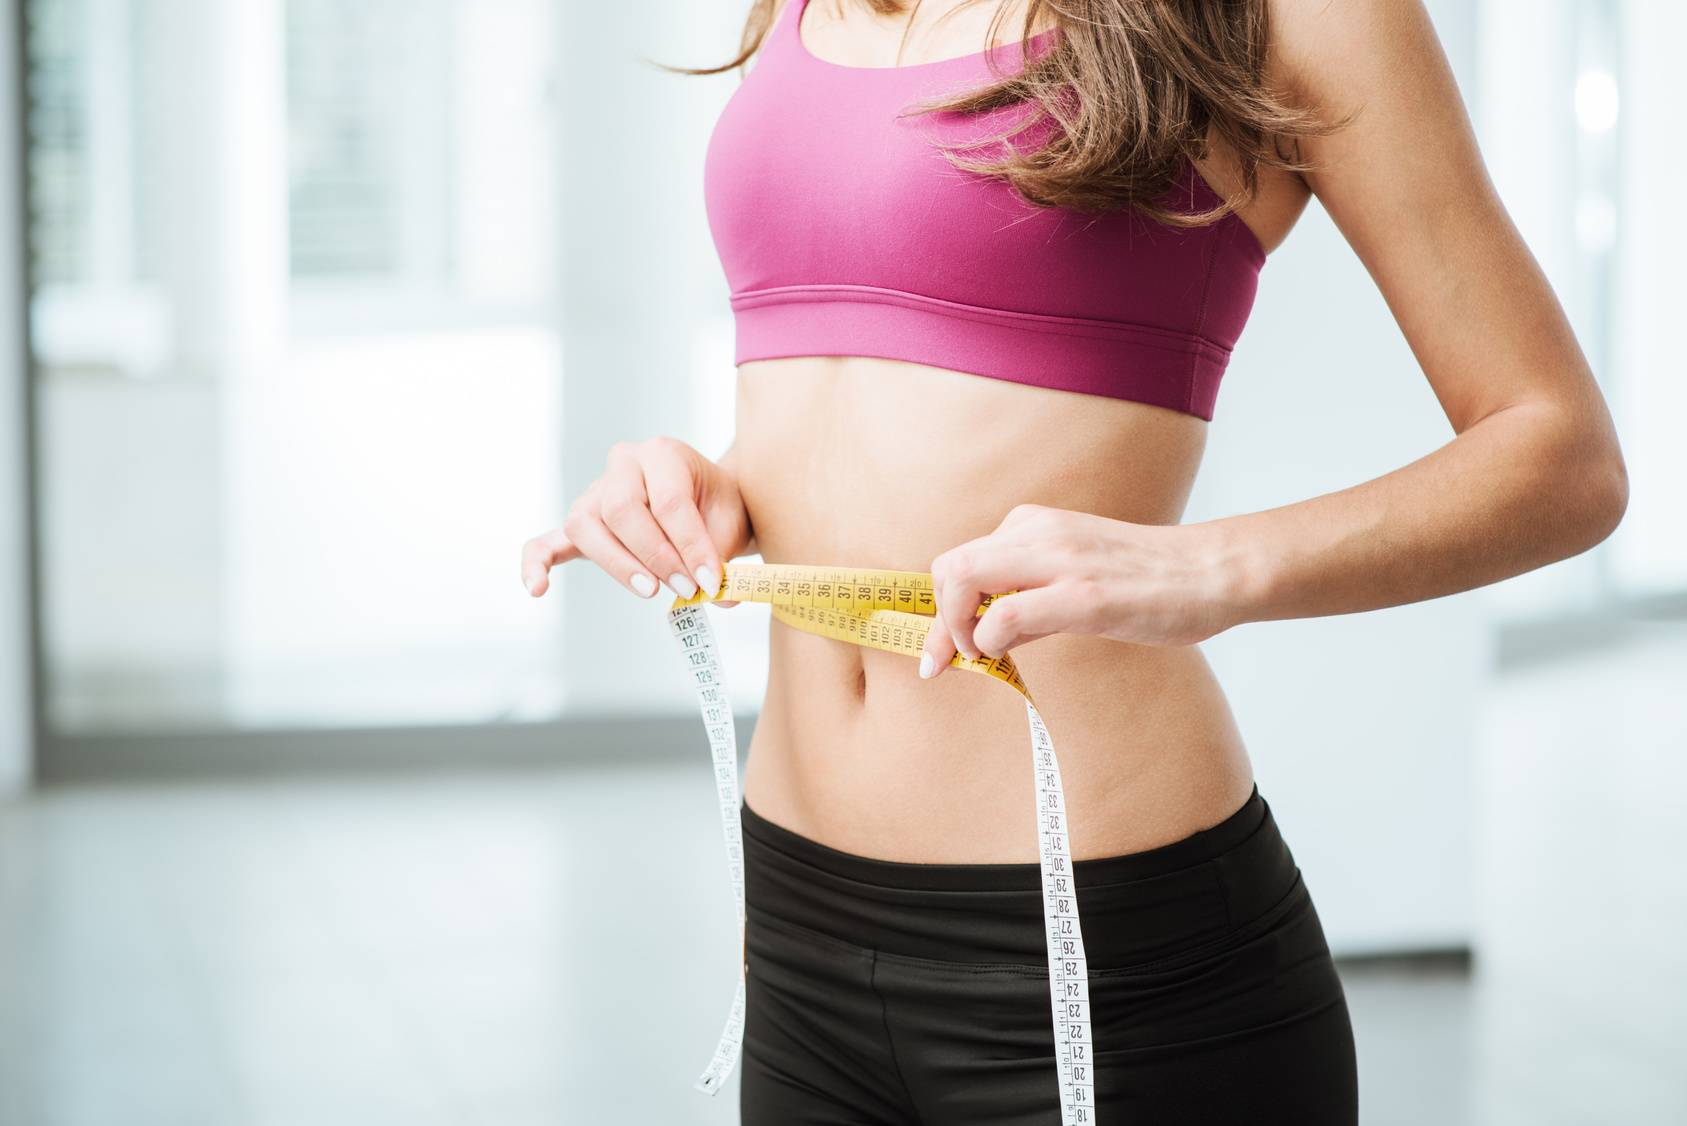 Najlepsze sposoby i ćwiczenia na płaski brzuch. Kobieta mierzy obwód swojej talii.